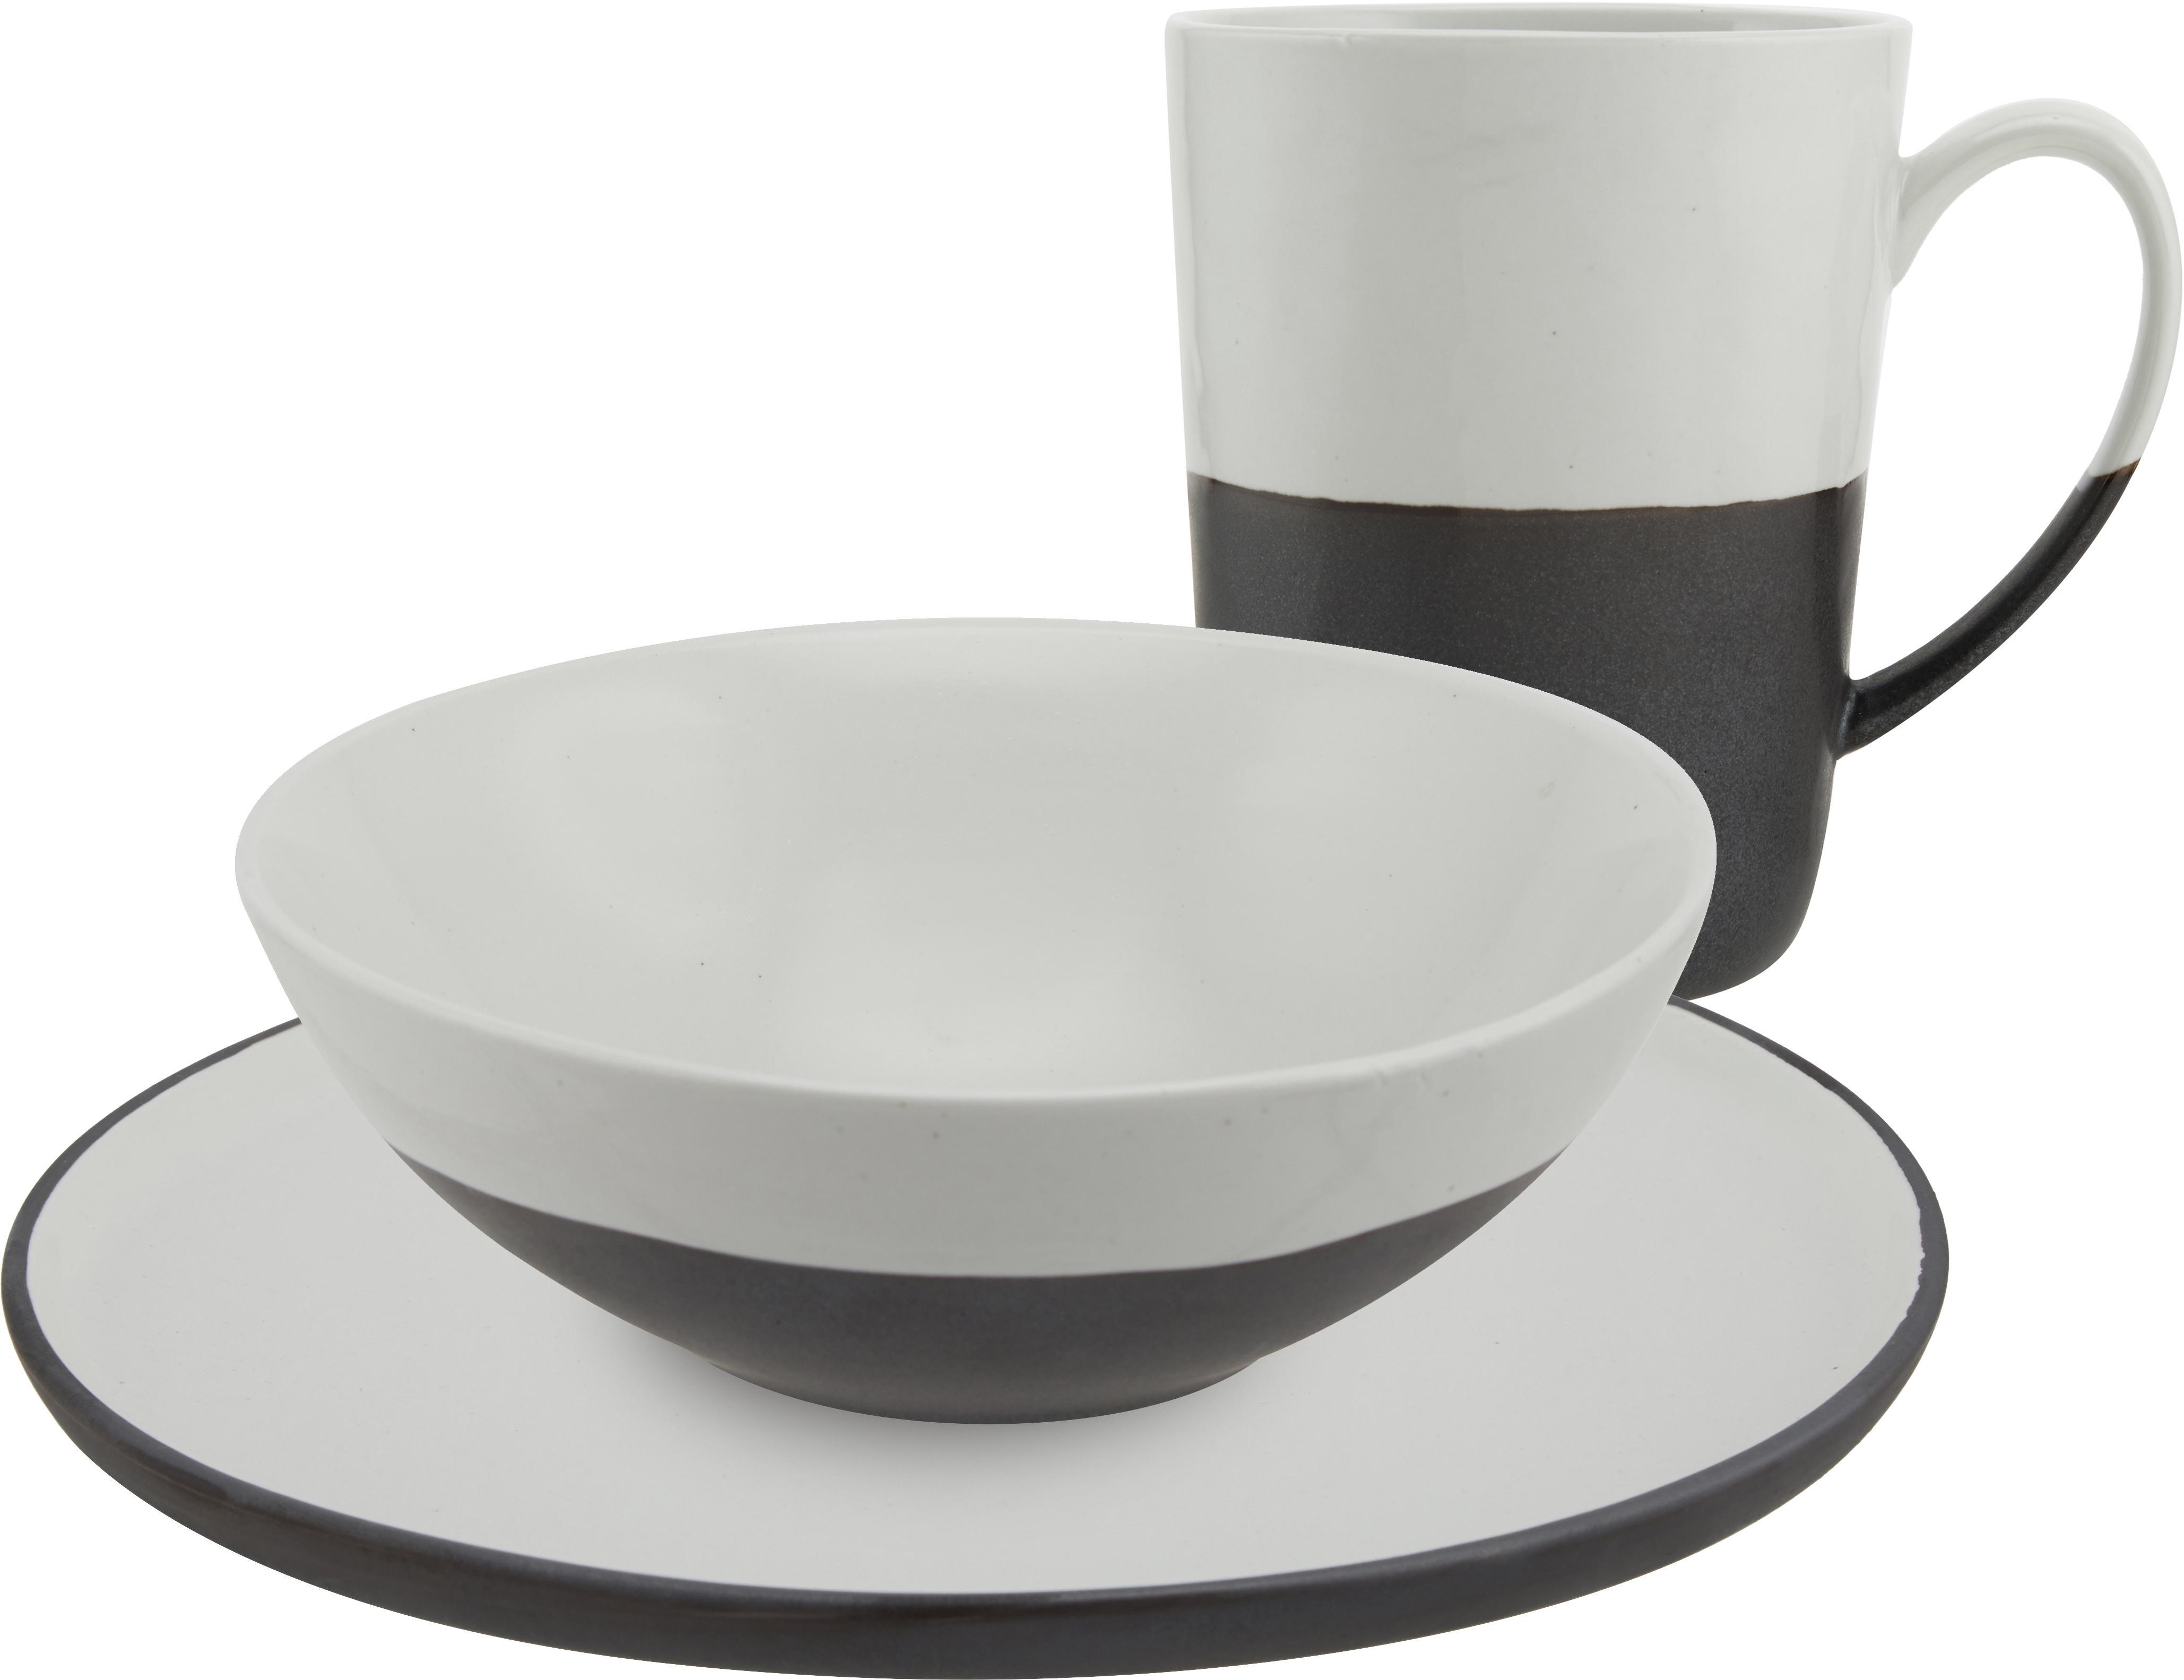 Set da colazione fatto a mano per 4 persone Esrum 12 pz, Sotto: terracotta naturale, Avorio, nero, Set in varie misure